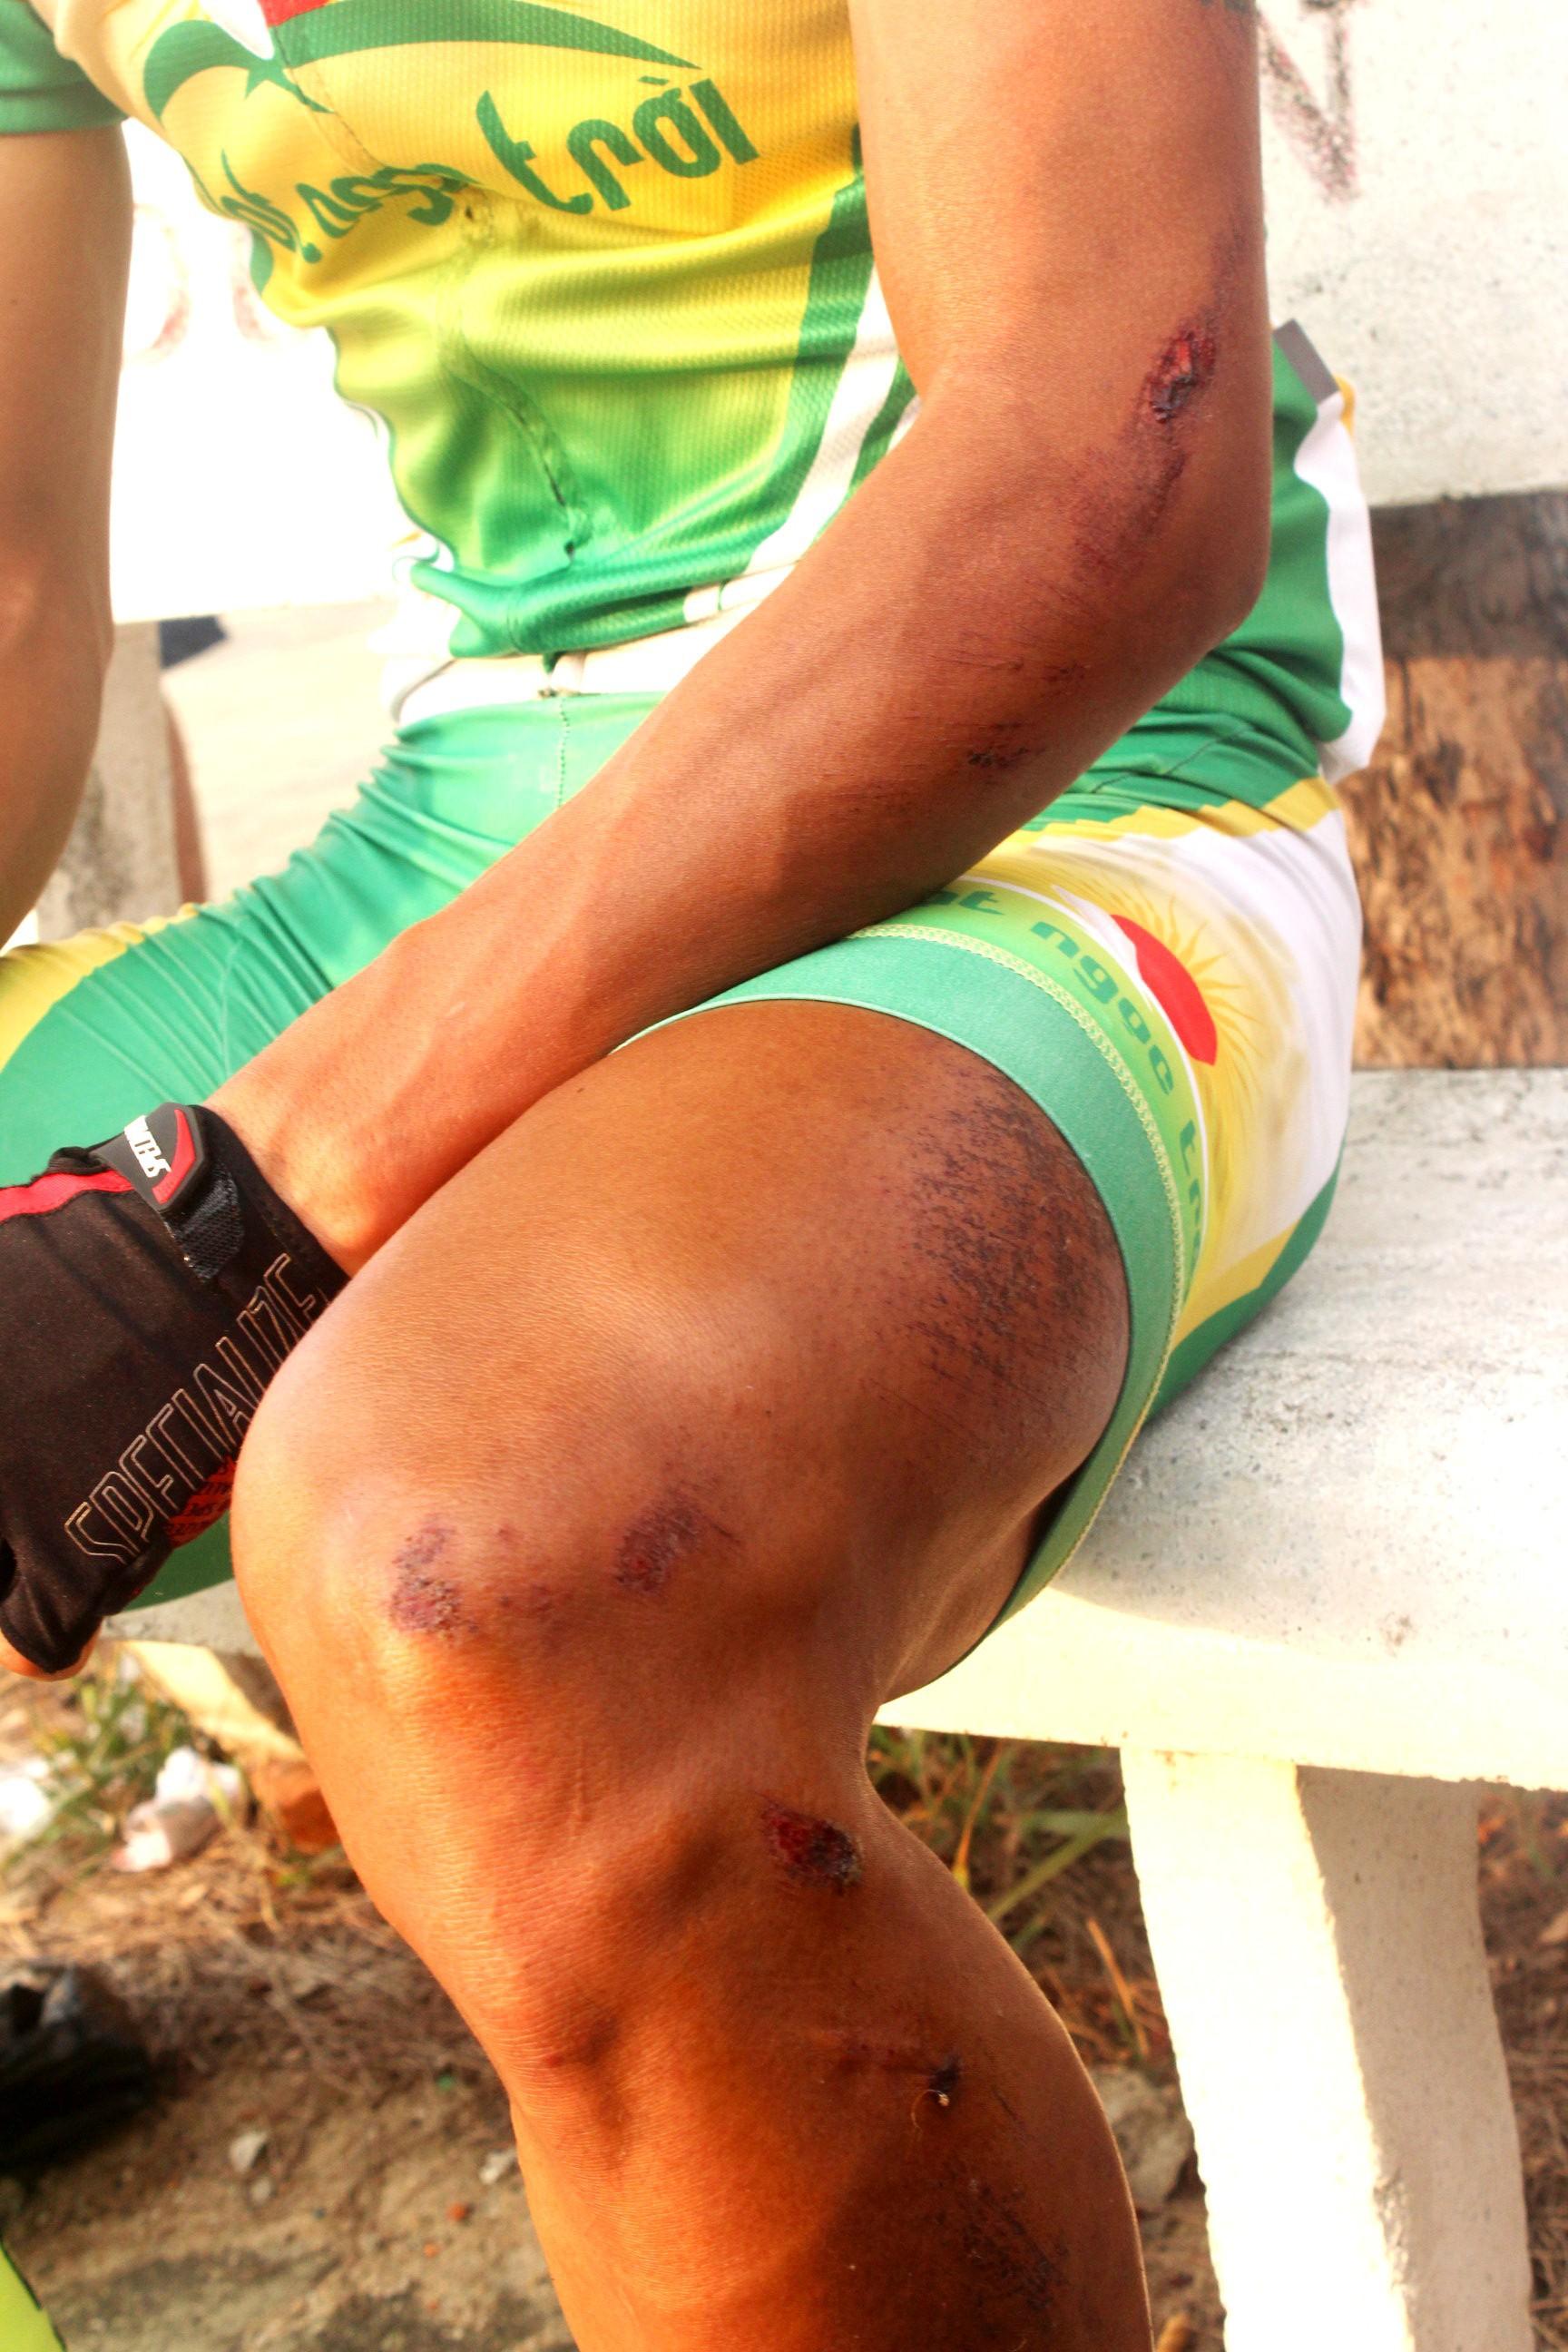 Tay đua quê An Giang chỉ bị xây xát ngoài da và vẫn có thể tiếp tục thi đấu